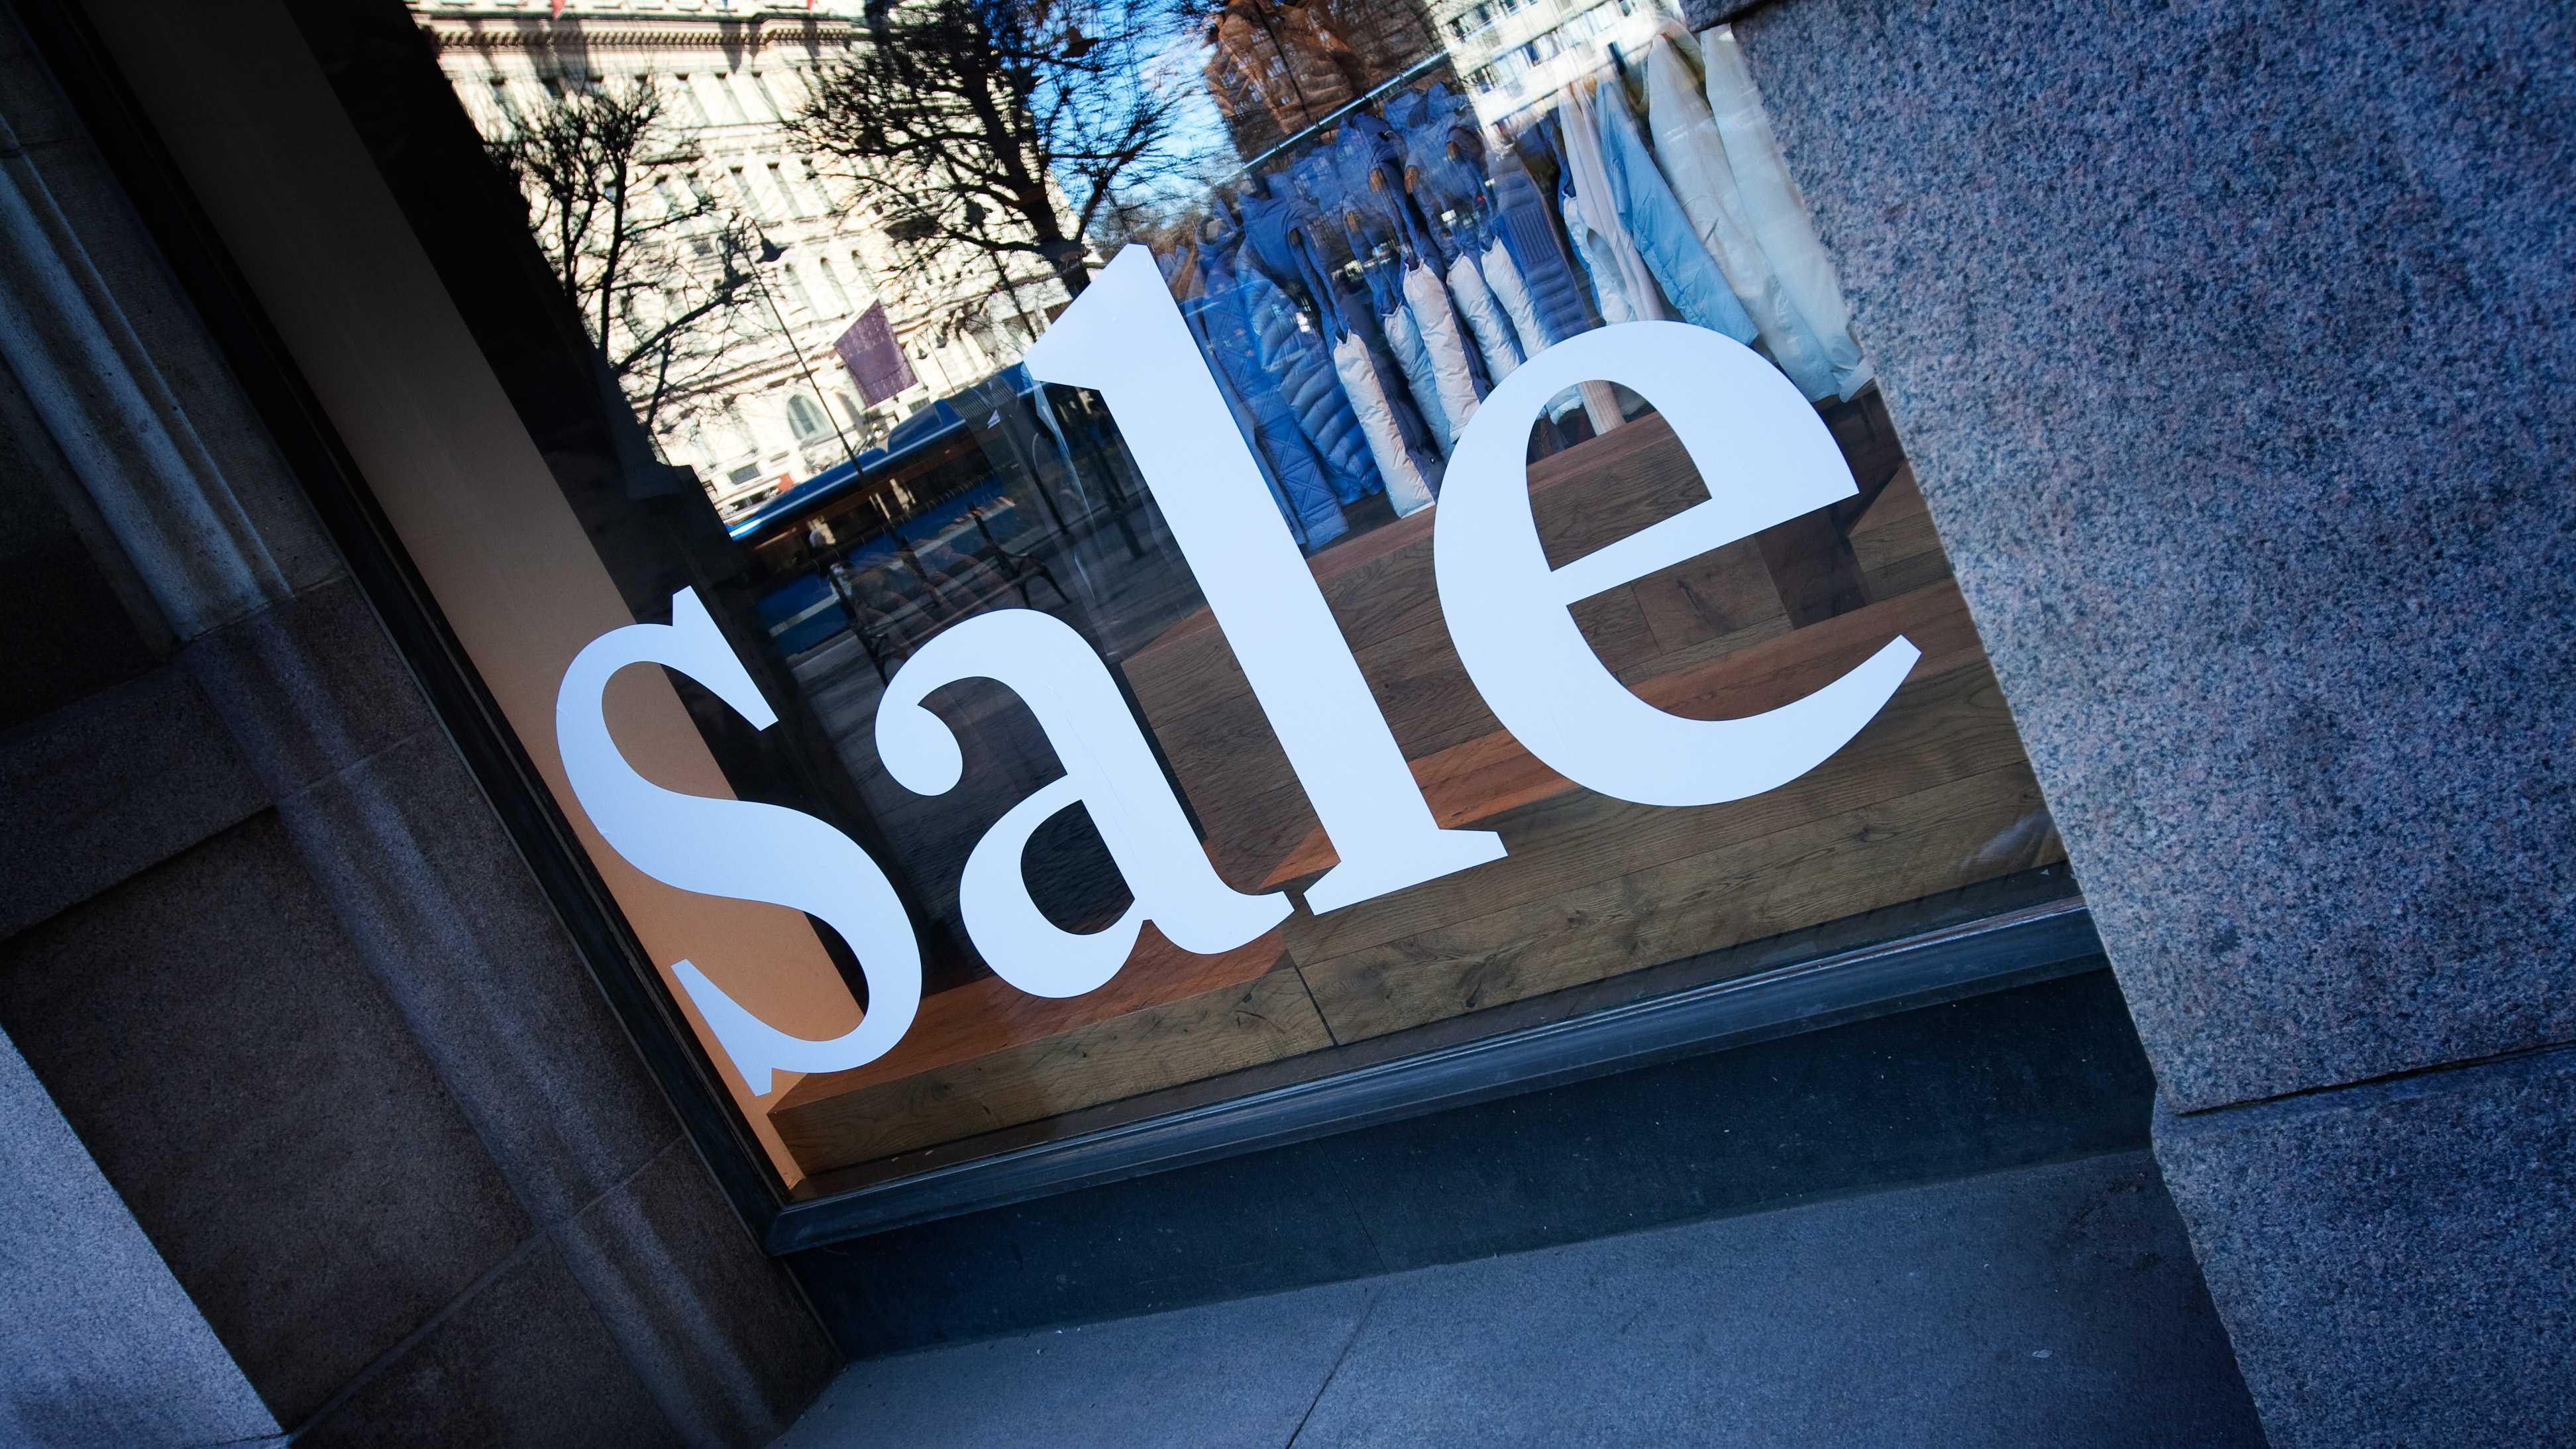 Sale on Store Window